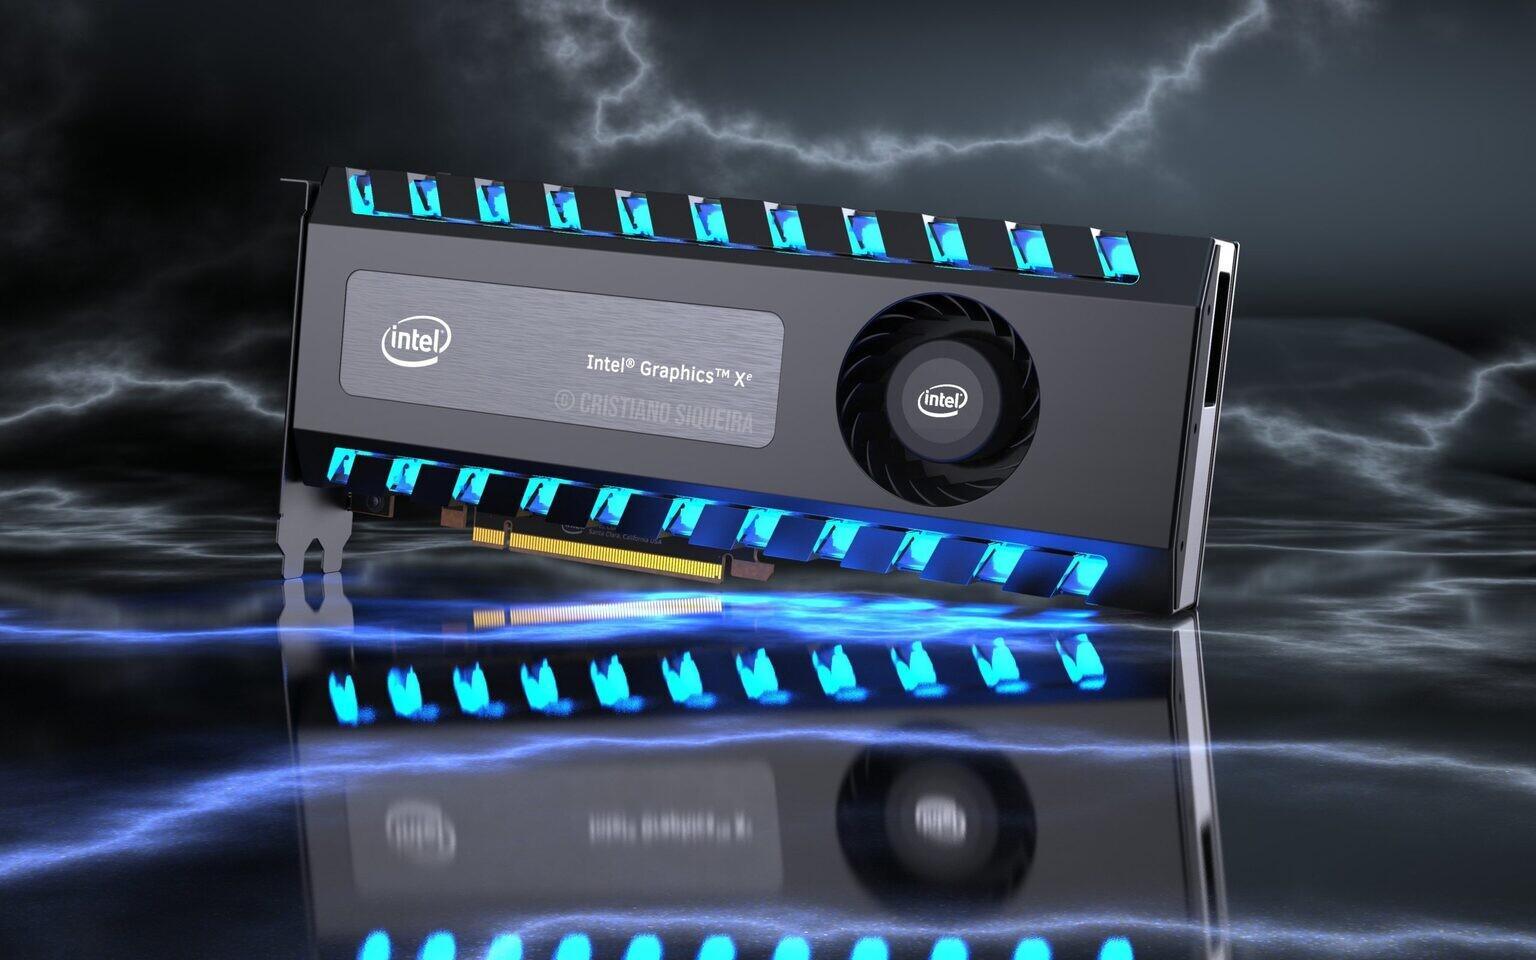 Видеокарта от Intel сможет теснить RTX 3070 и AMD RX 6800